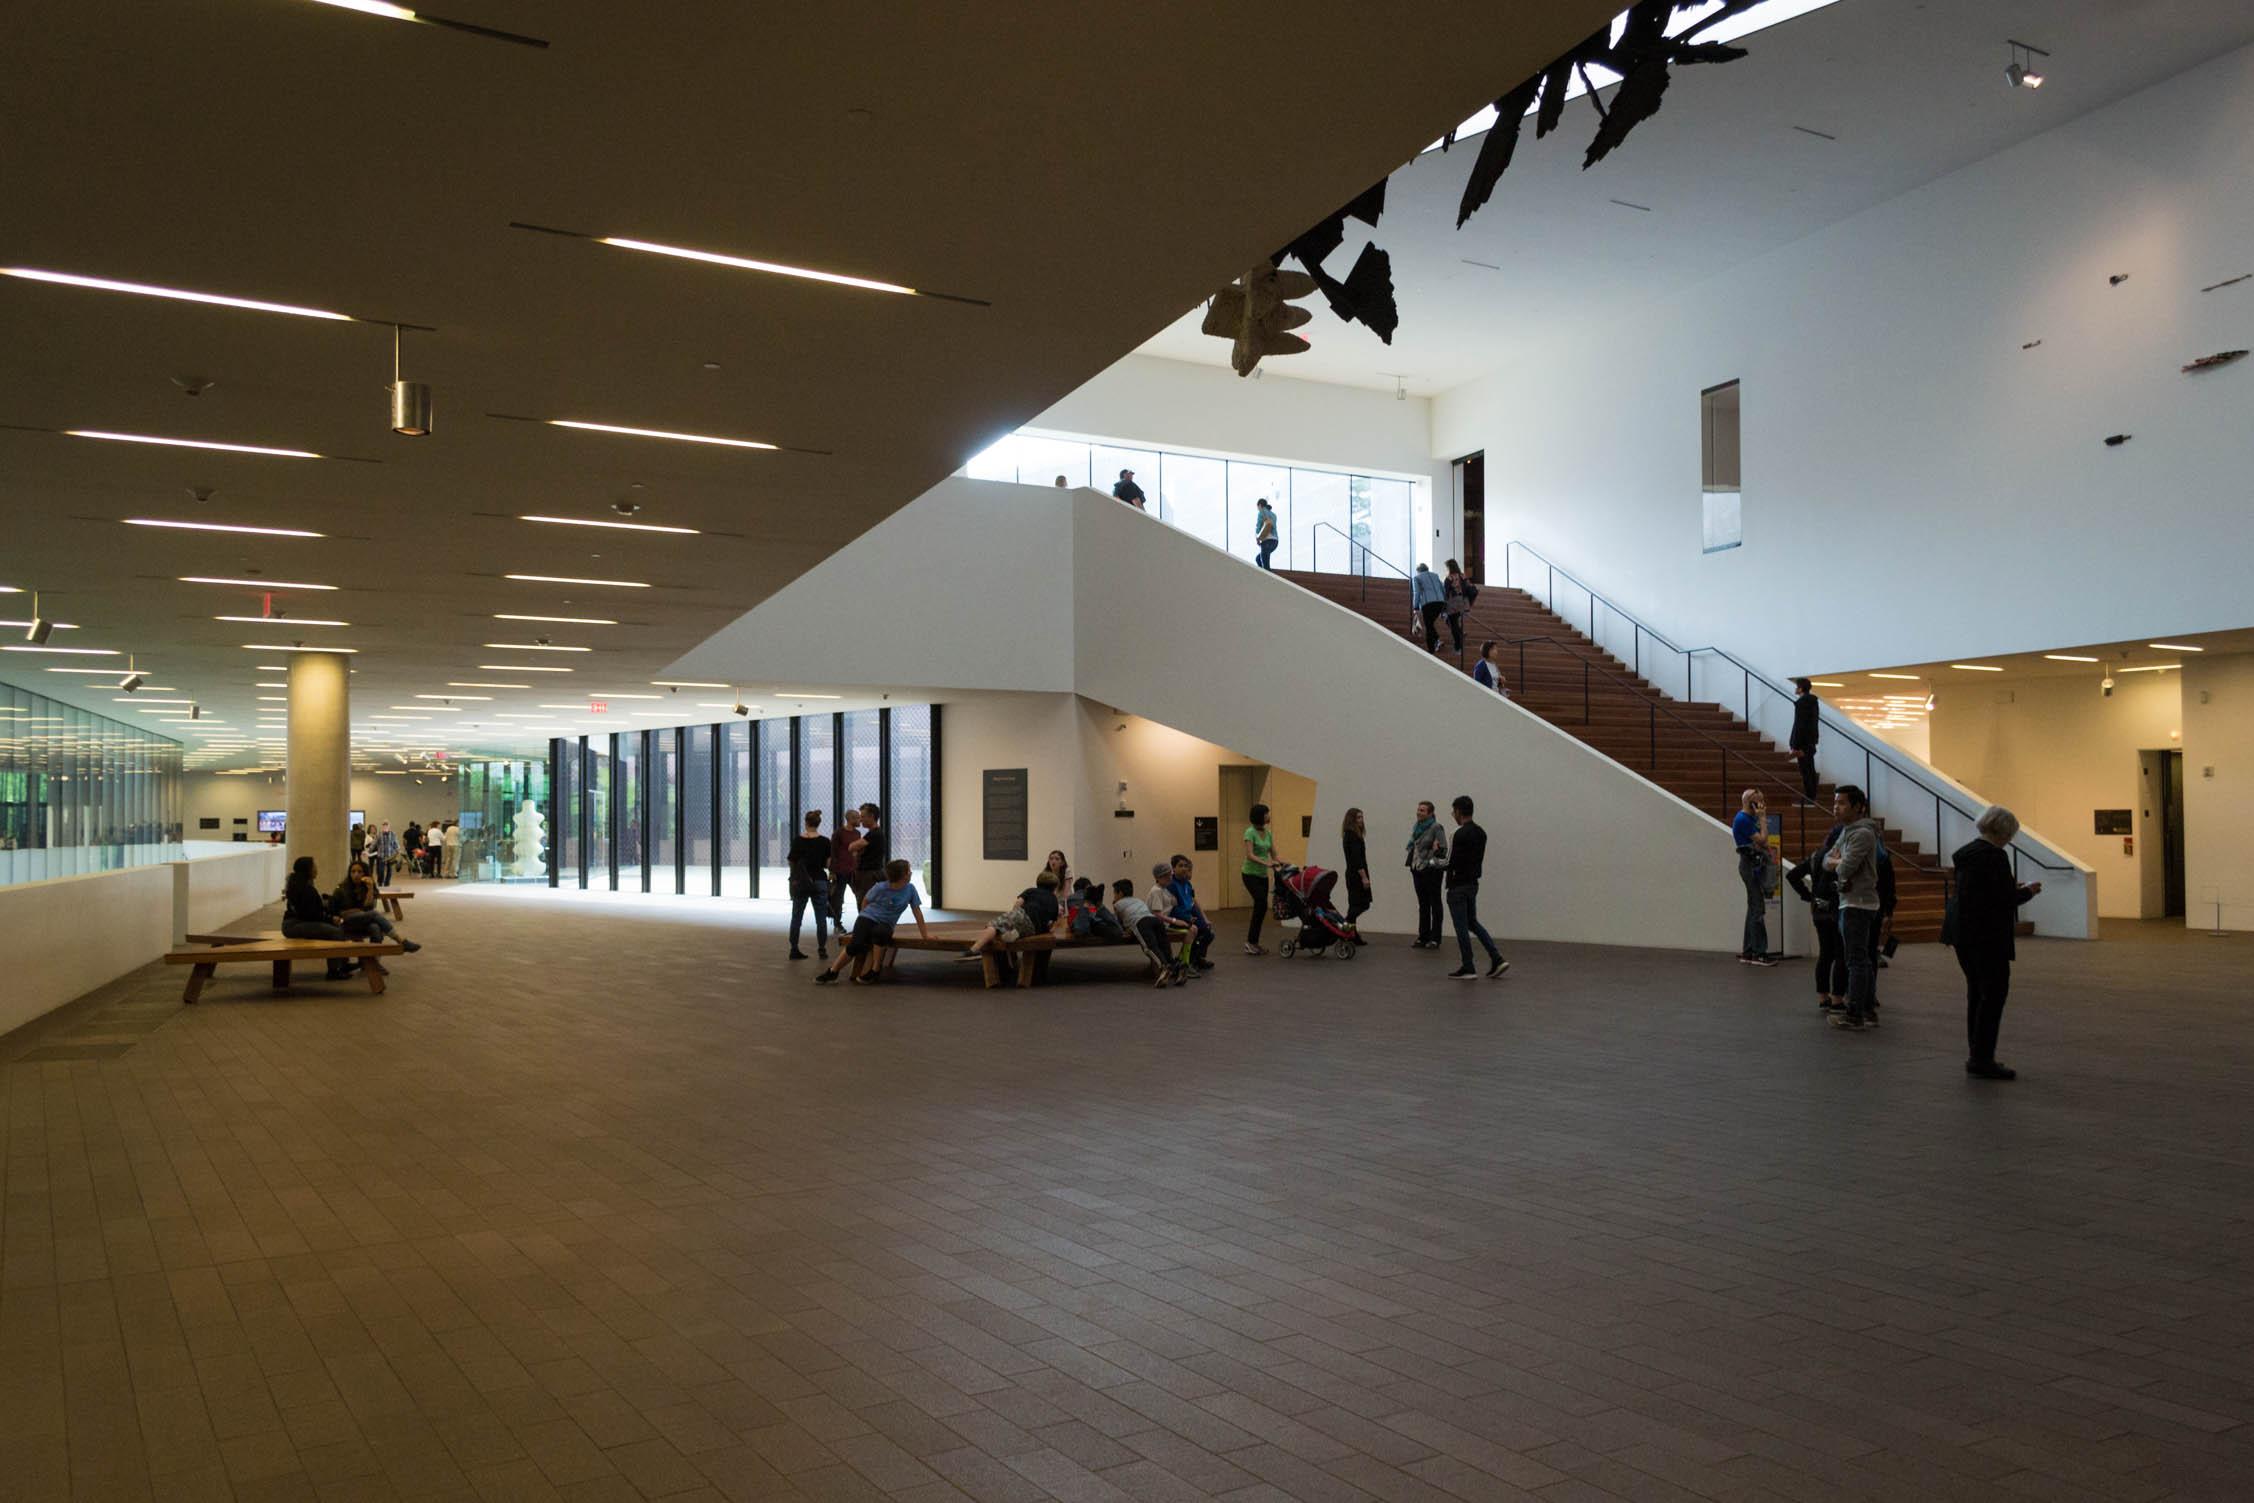 L'intérieur du musée est très moderne